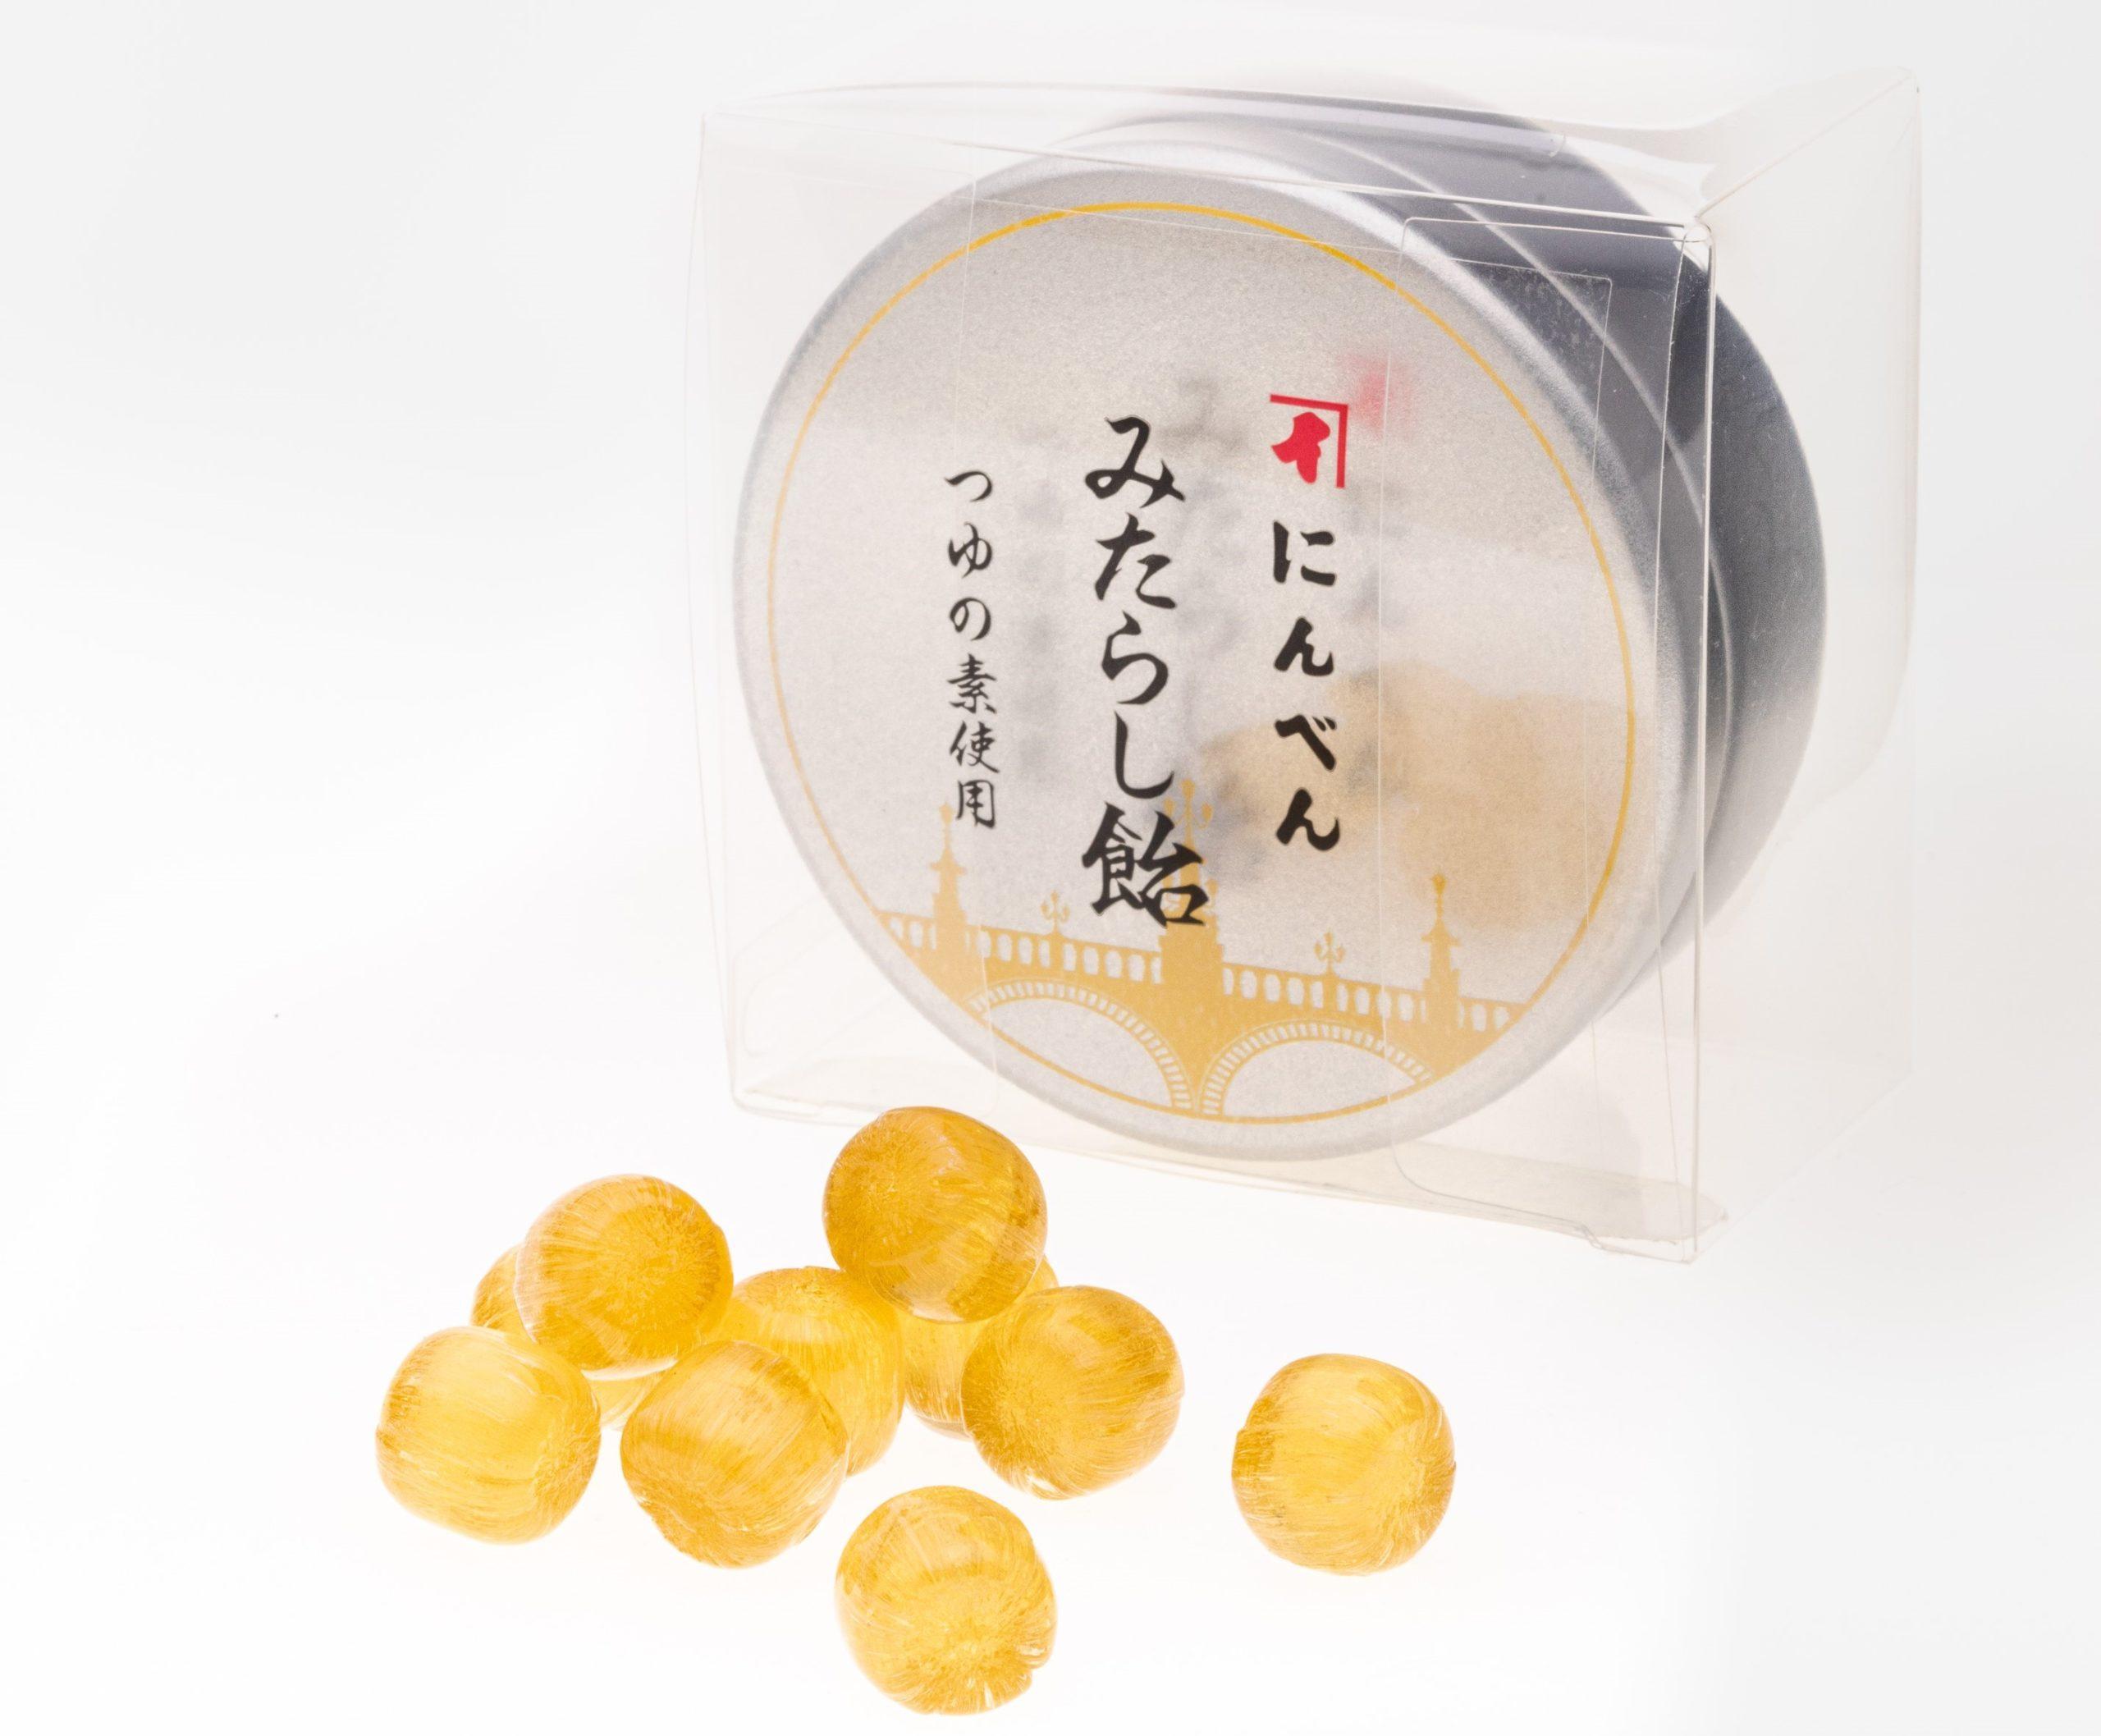 どんな味なの? にんべんの「つゆの素」を使った飴が限定発売に!